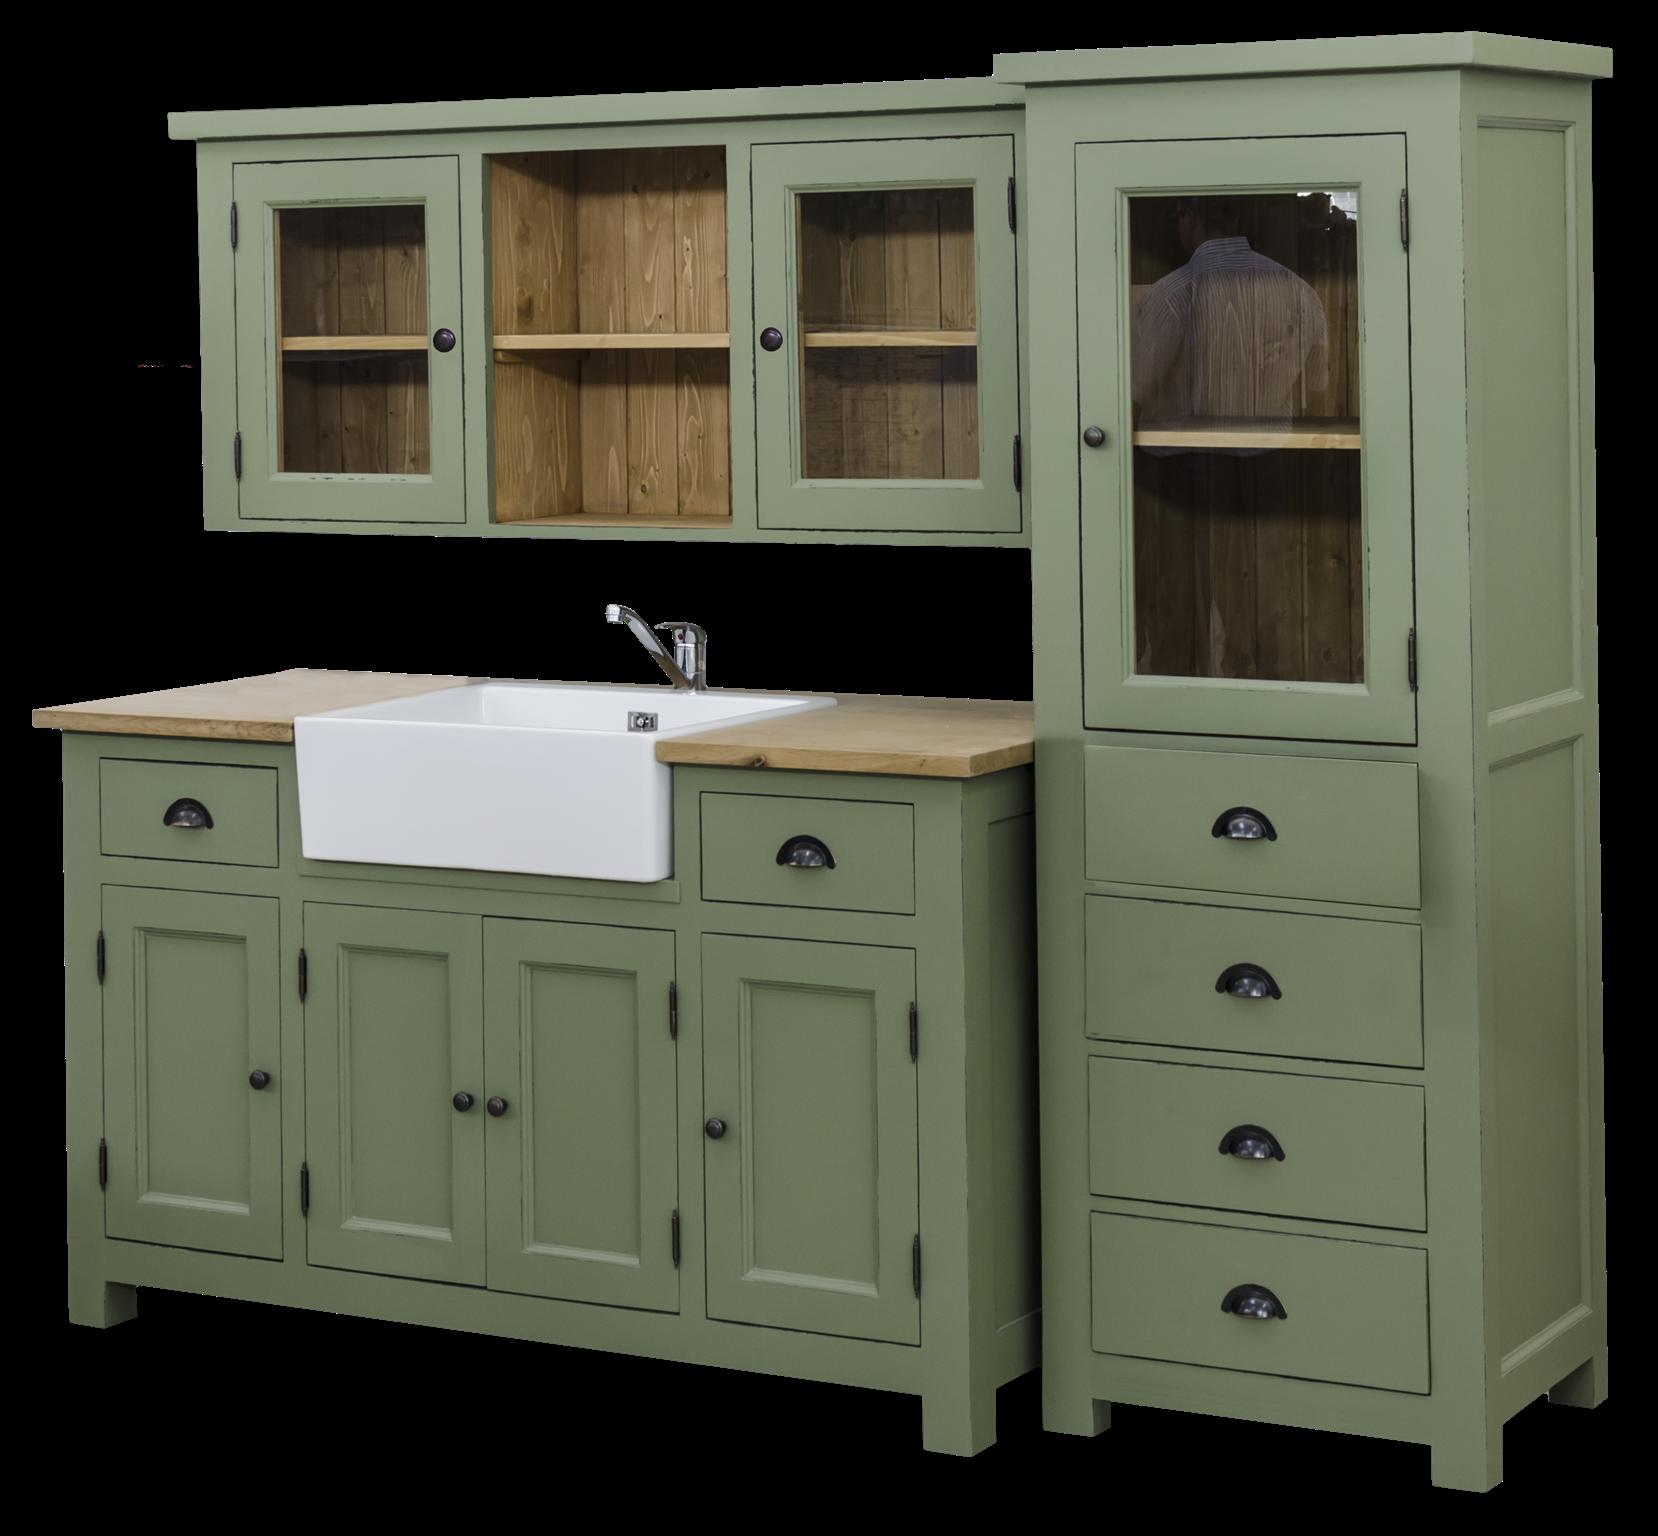 Küche Shabby sideboard für waschbecken landhausstil landhaus küche shabby chic